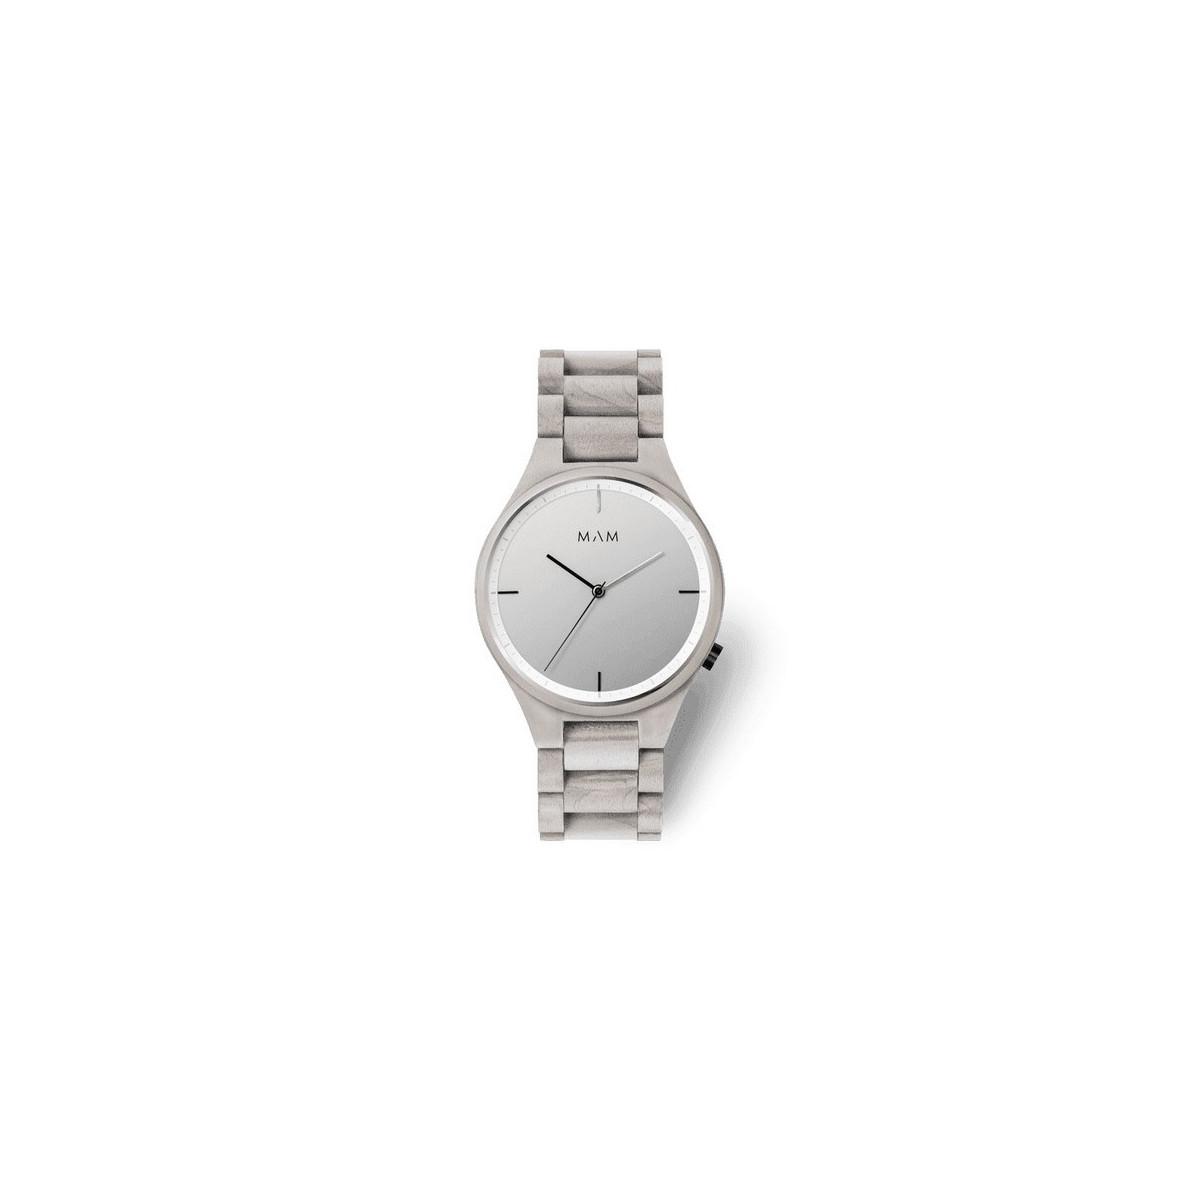 Reloj MAM Sándalo Gris 612-VOLCANO